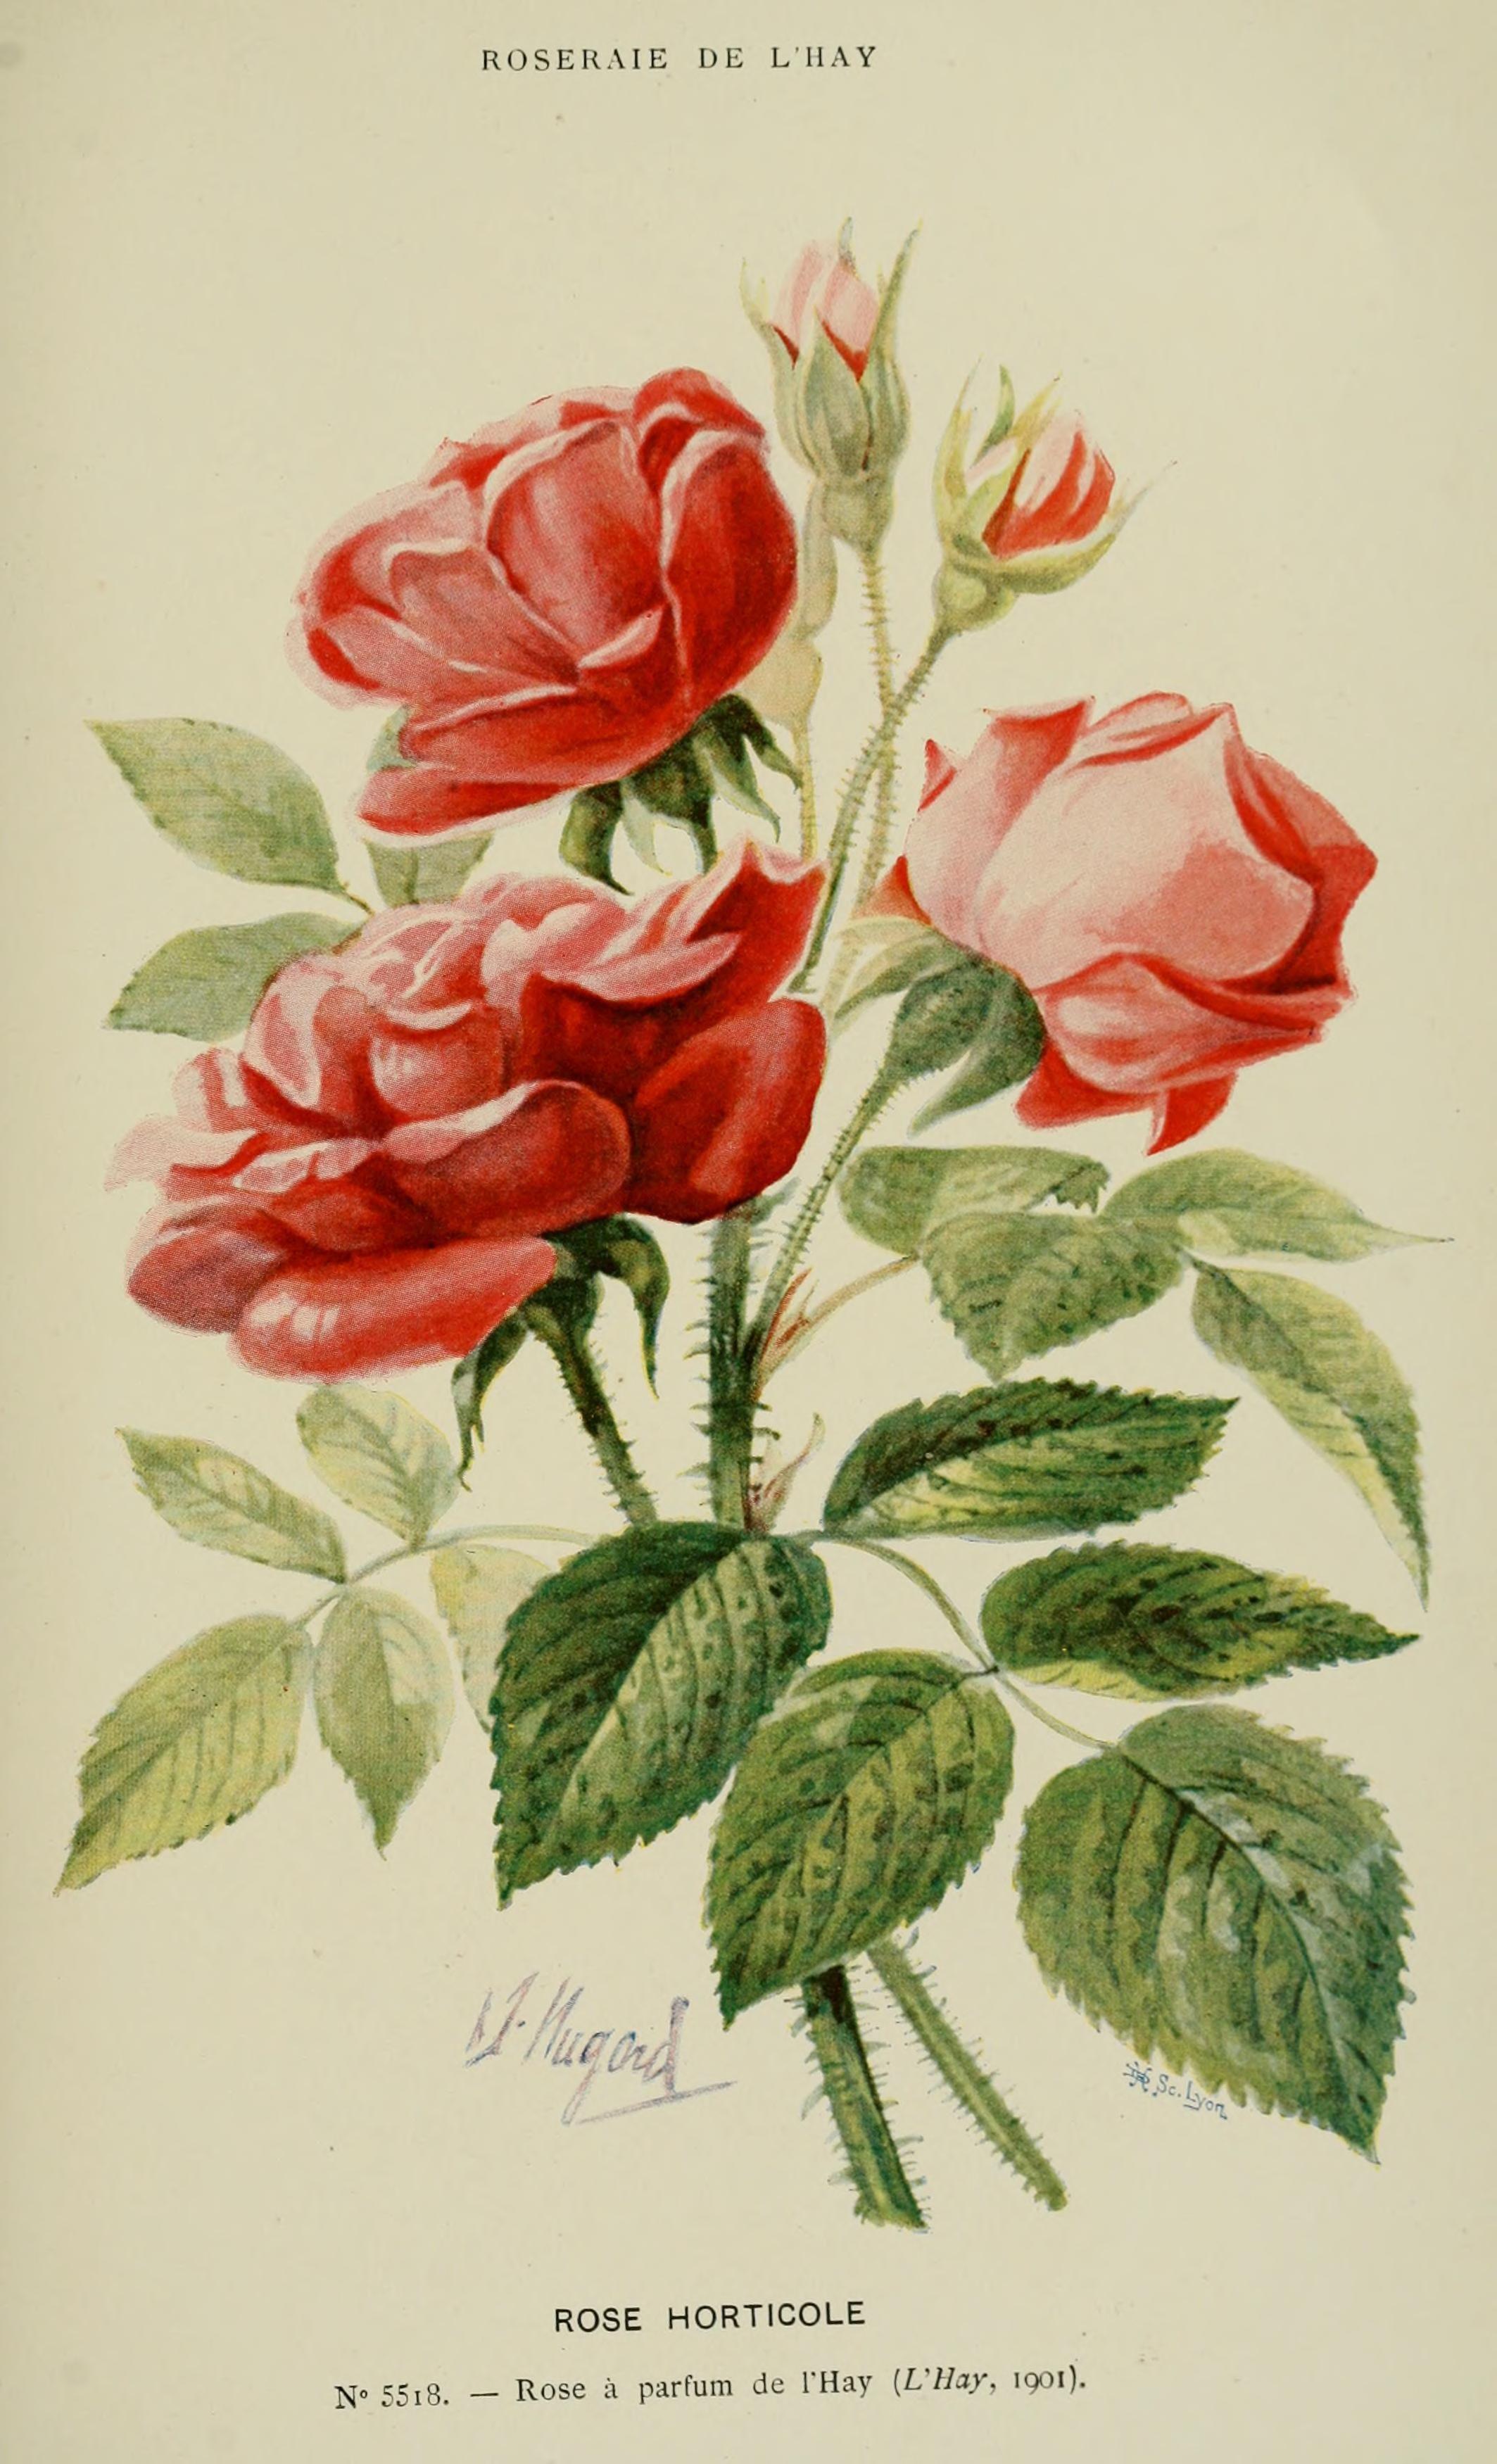 Bibliothèque De L'hay Les Roses : bibliothèque, l'hay, roses, Images